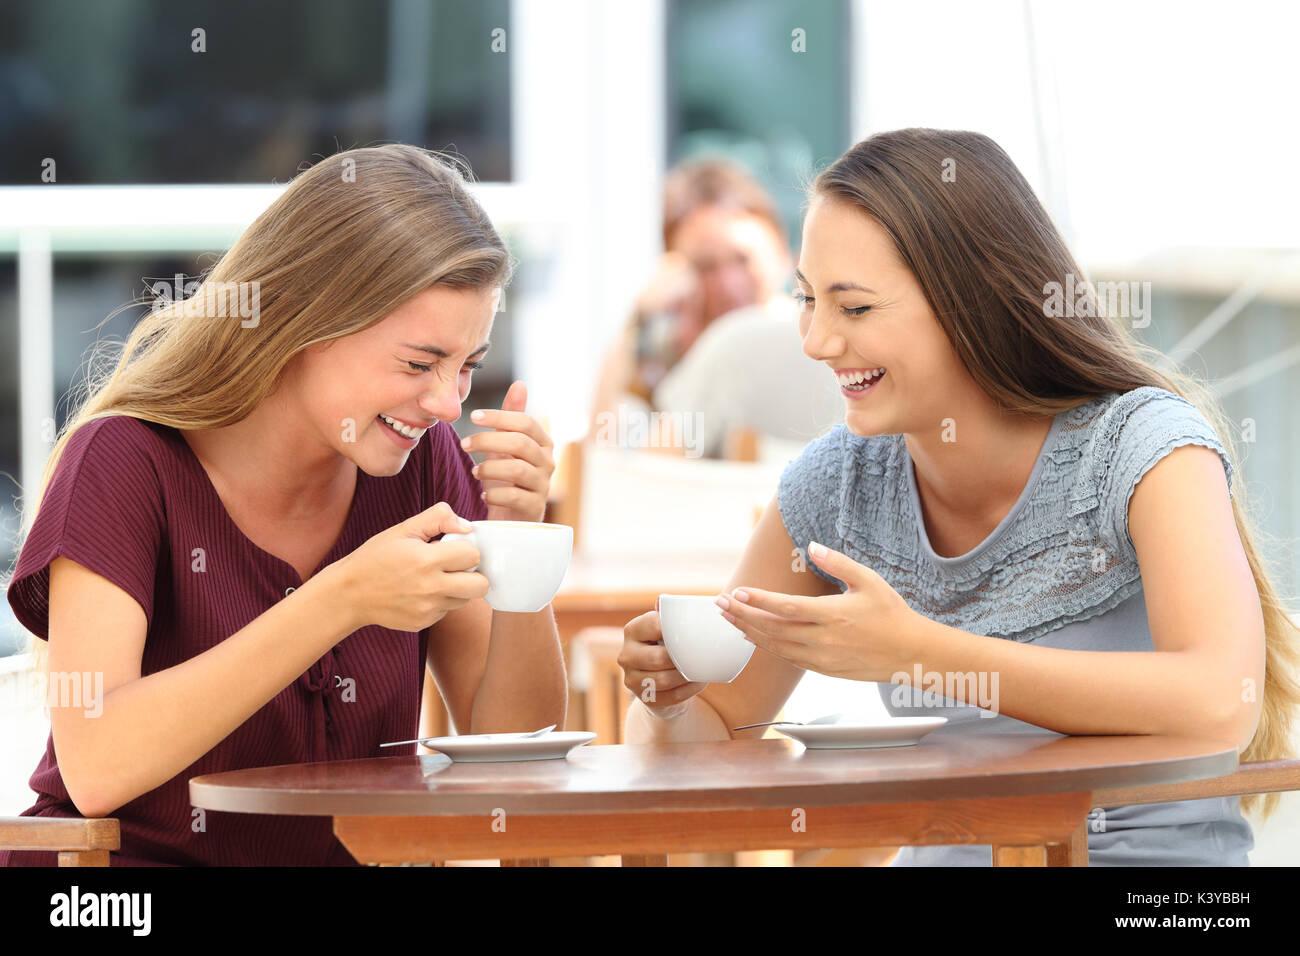 Due migliori amici ridevano forte durante una conversazione seduti in un ristorante Immagini Stock